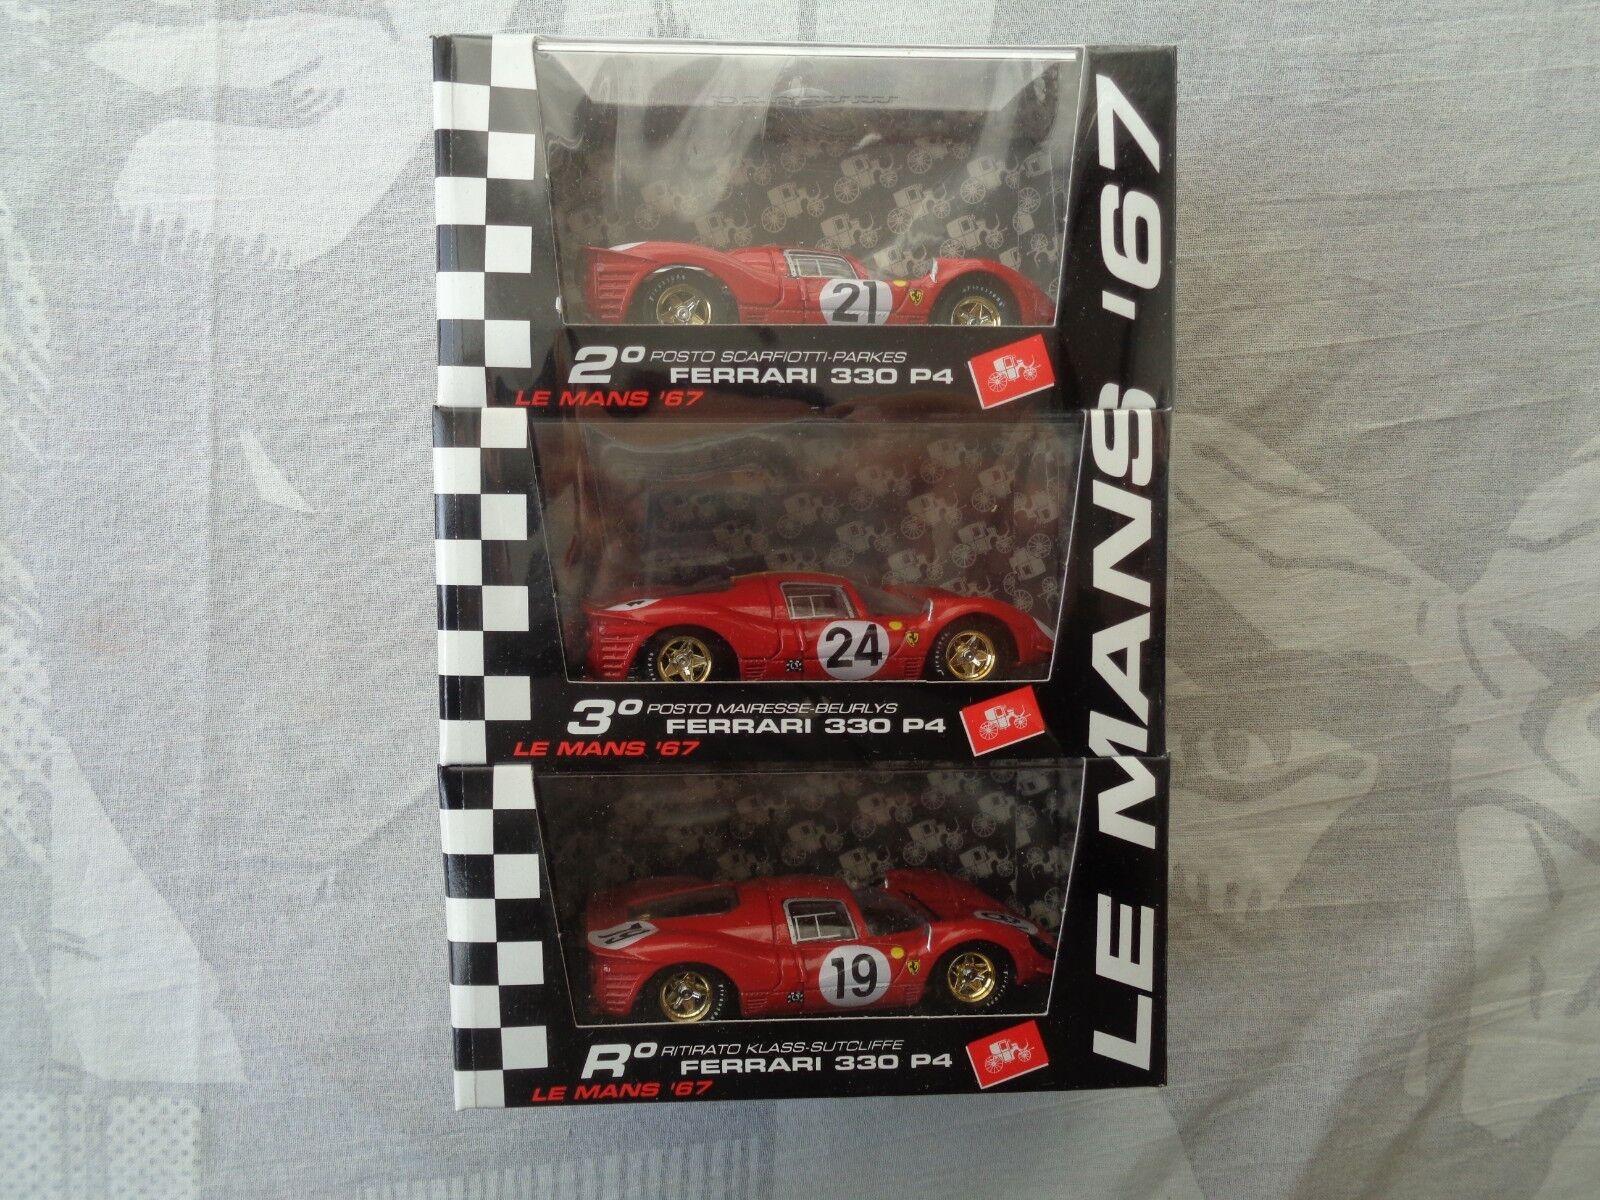 3 Ferrari 330 p4 Le Mans 67 Brumm Limited Edition 5000 pieces No. 2372 Scale 1 43